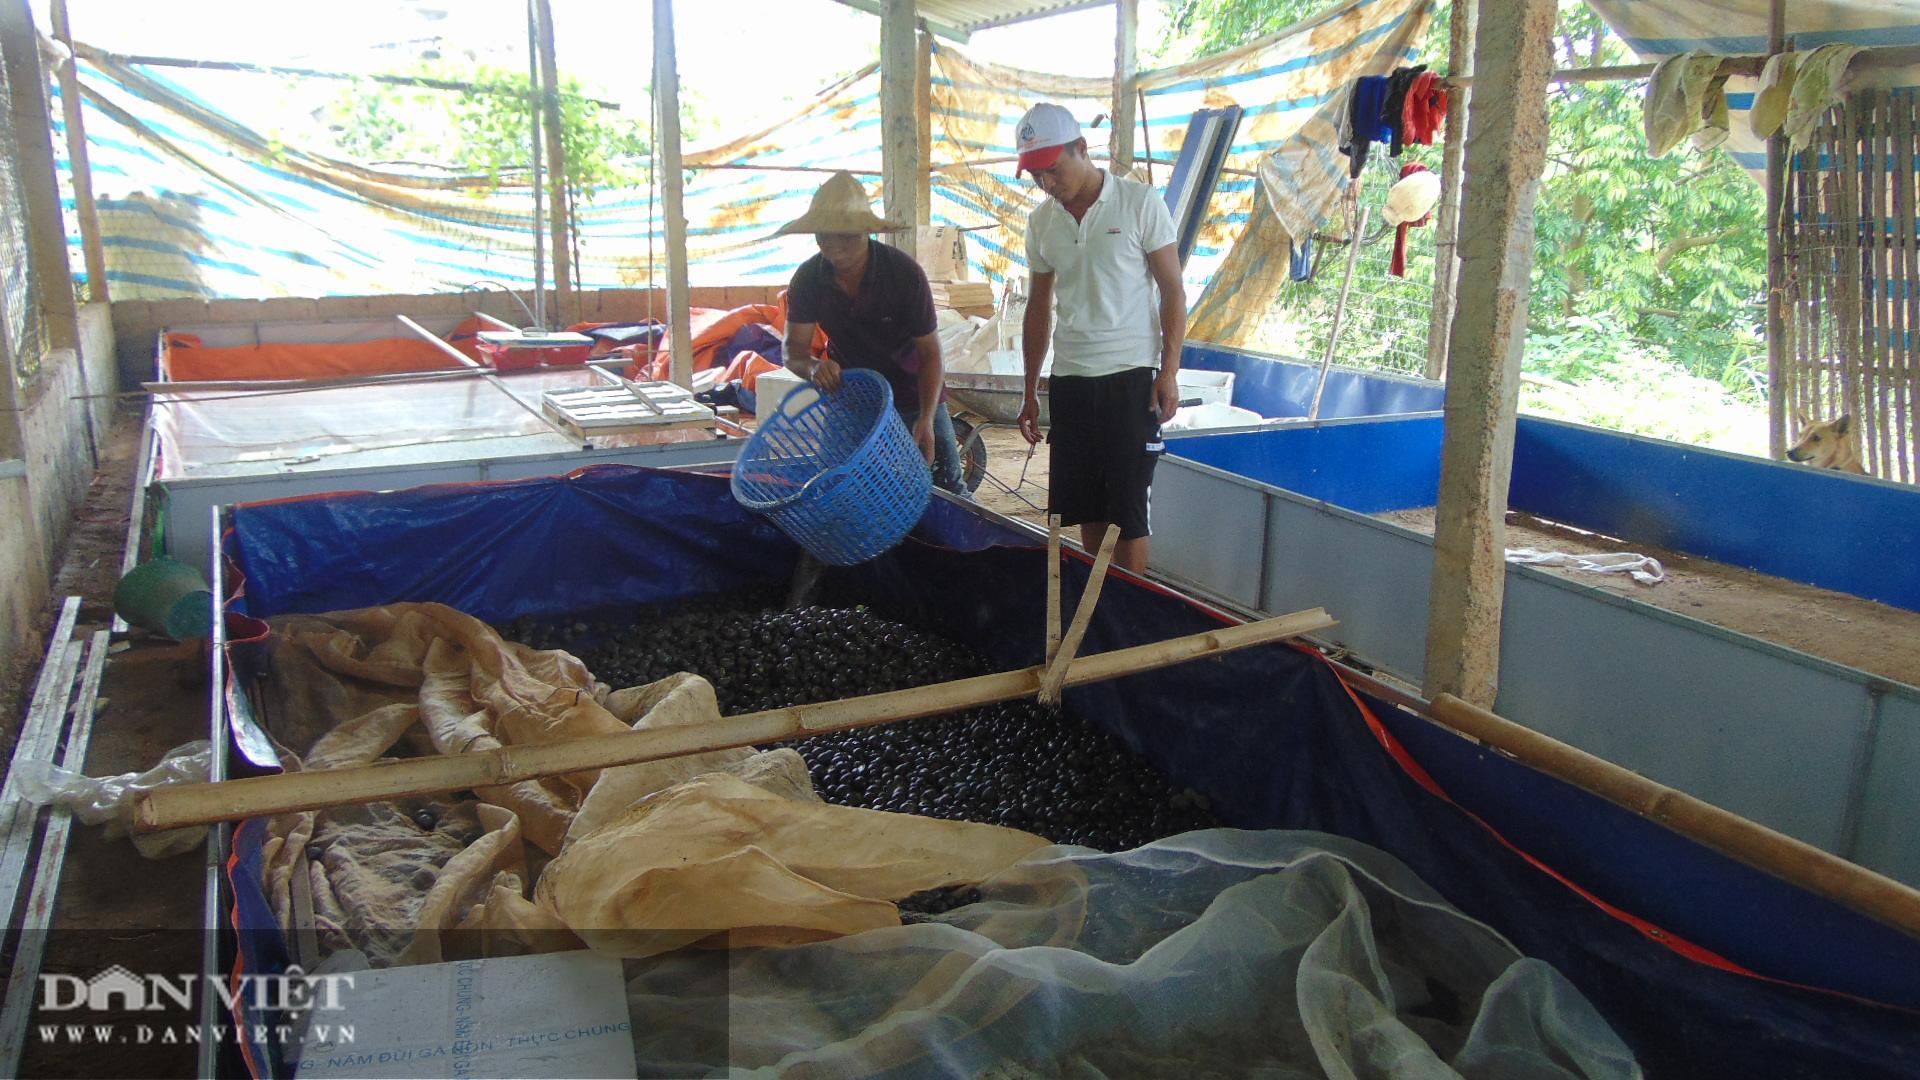 Thái Nguyên: Thanh niên trẻ thu hàng chục triệu mỗi ngày nhờ nuôi con ăn bèo dưới nước - Ảnh 4.